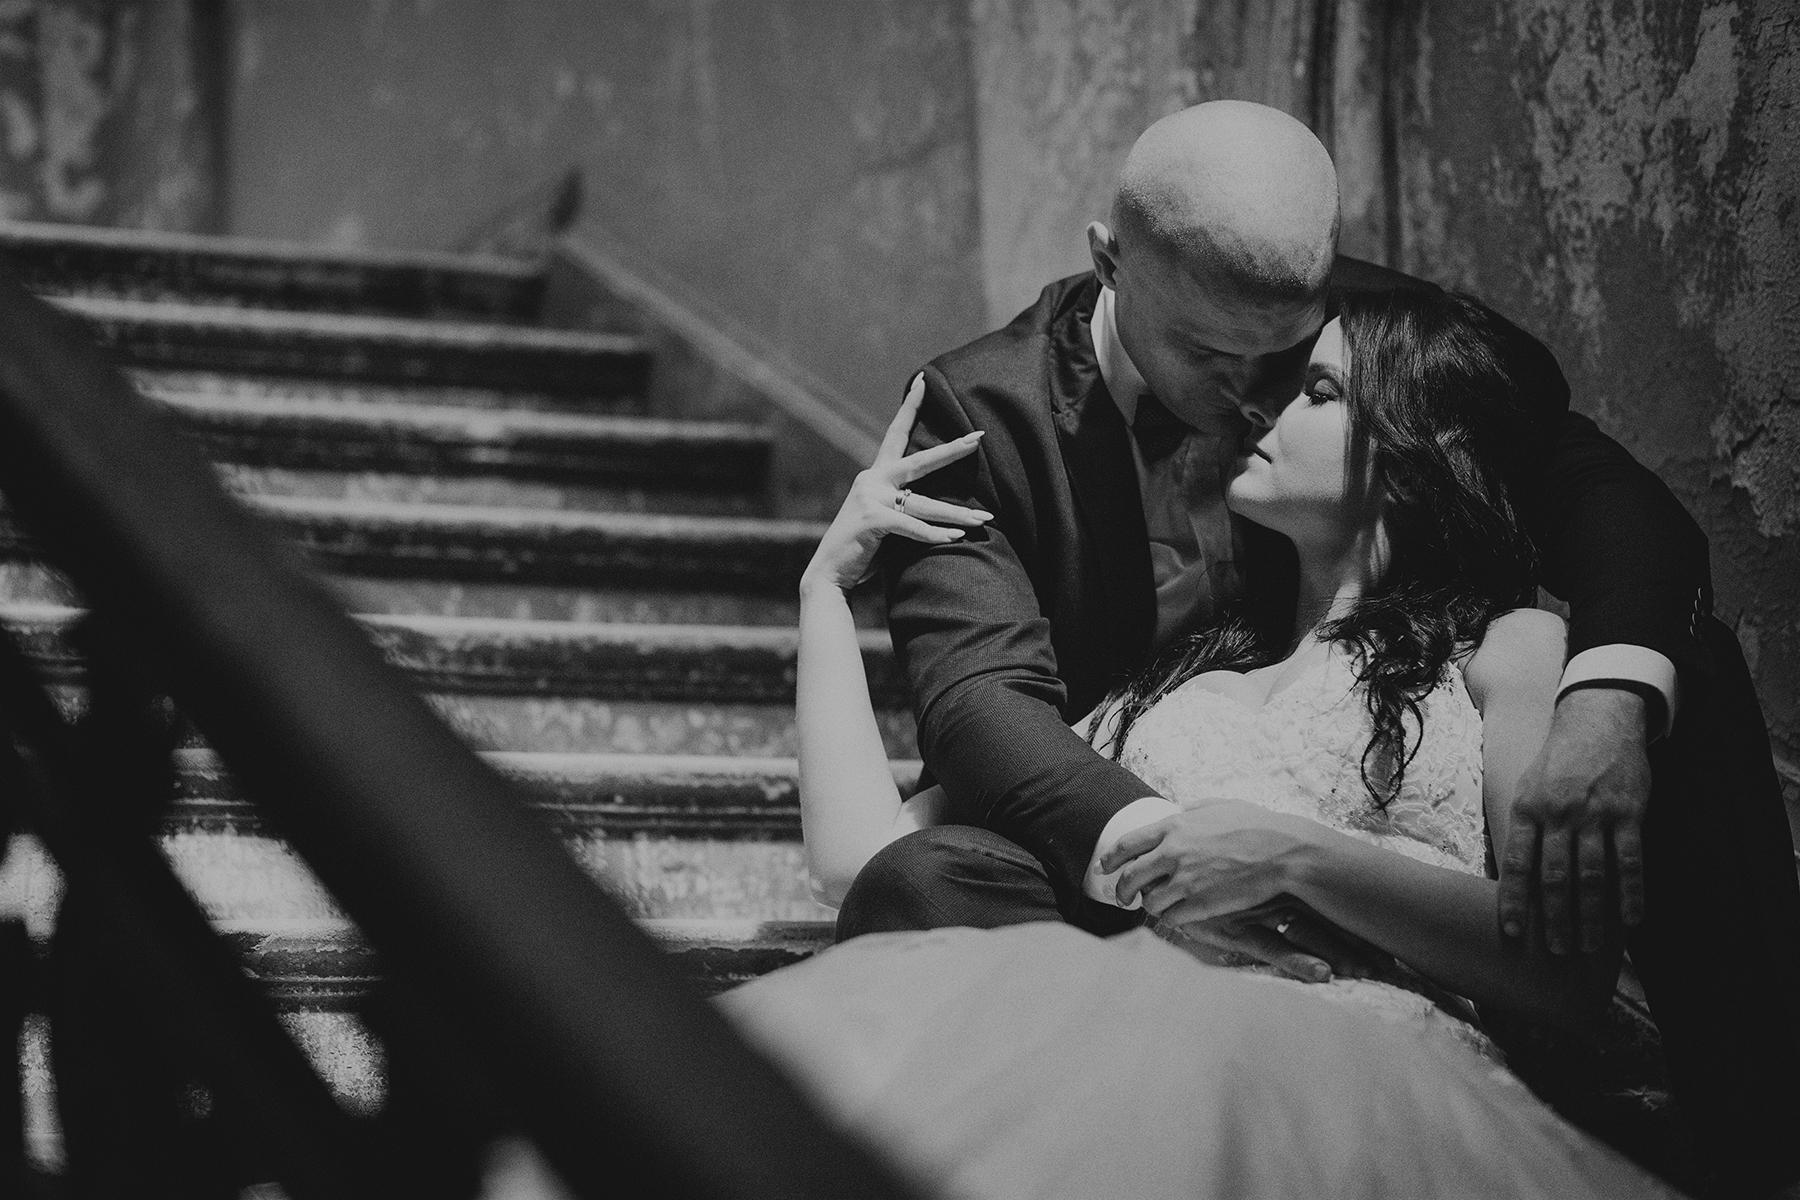 para młoda siedzi przytulona na schodach pałacu w krowiarkach